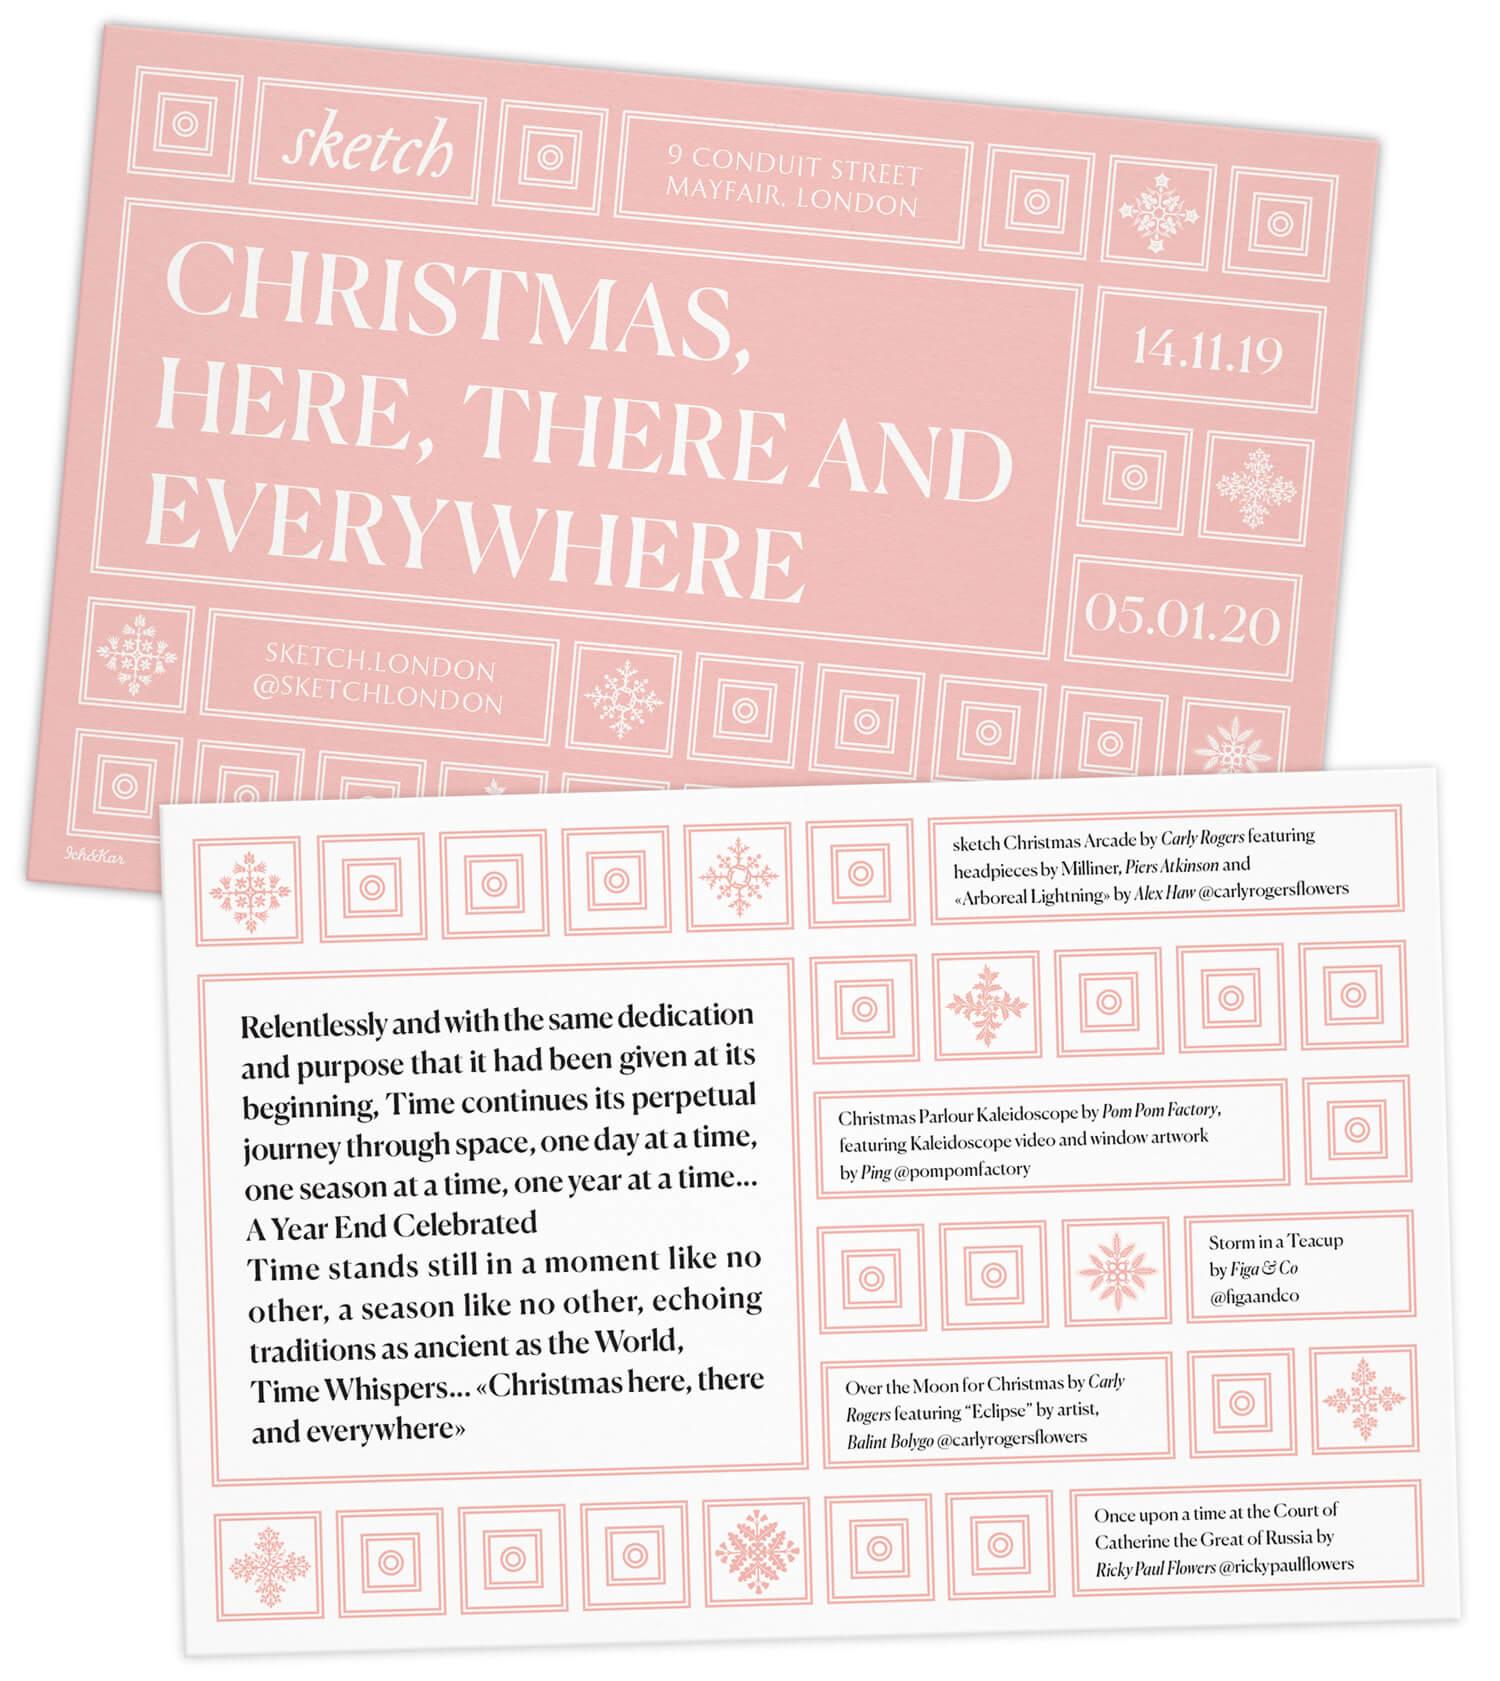 Le flyer pour le l'exposition annuelle Noel au restaurant Sketch à Londres, design Helena Ichbiah